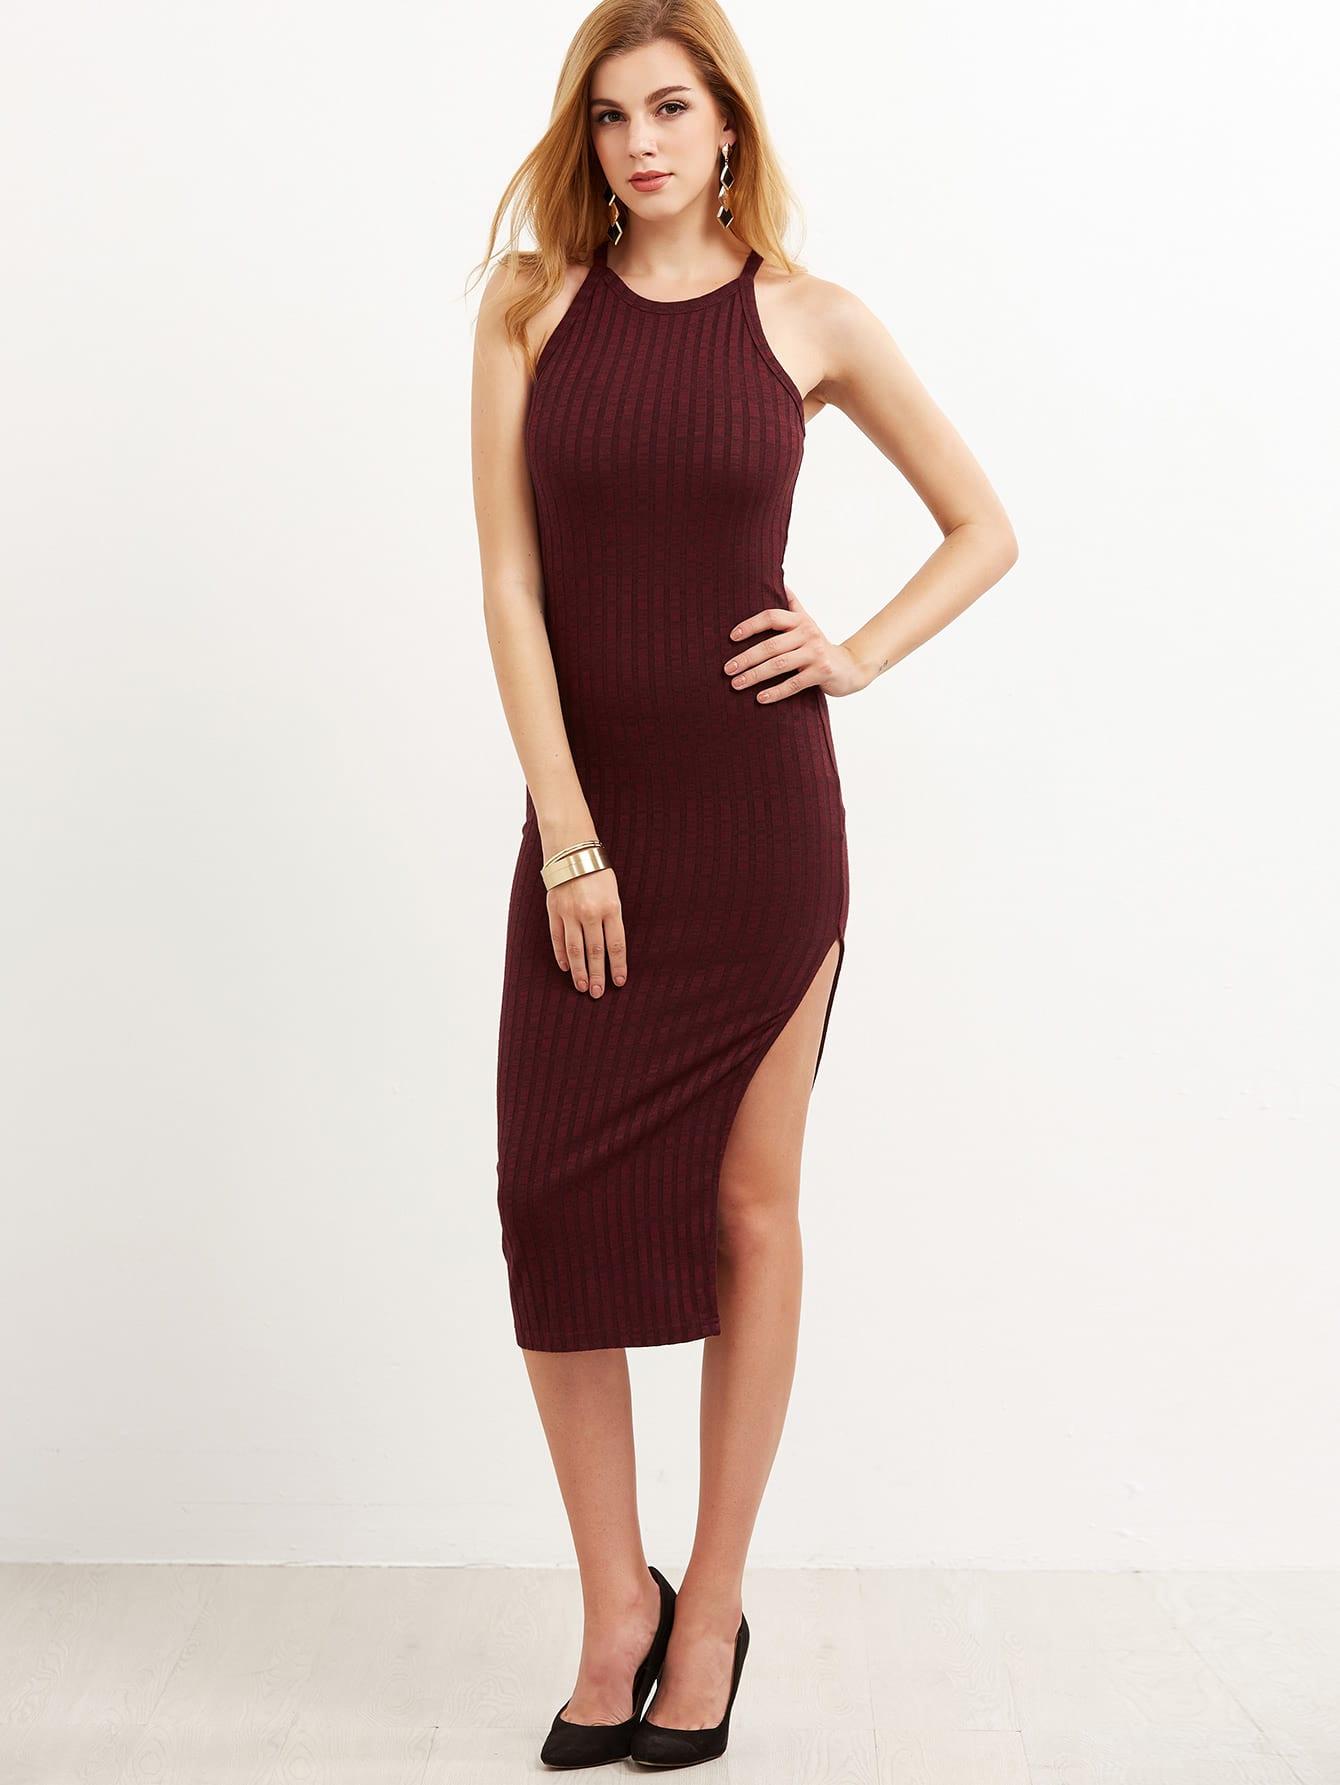 Burgundy Side Slit Ribbed Cami Dress dress161109707